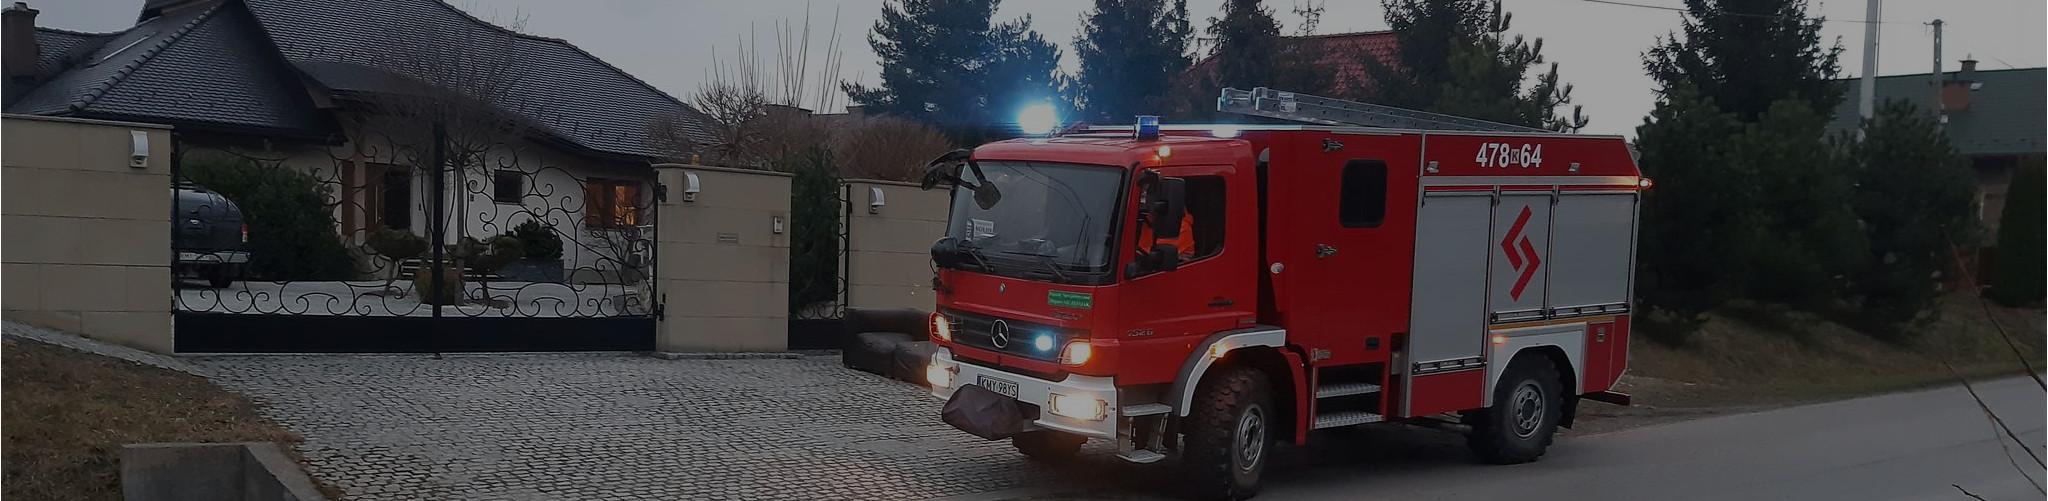 Ochotnicza Straż Pożarna w Polance